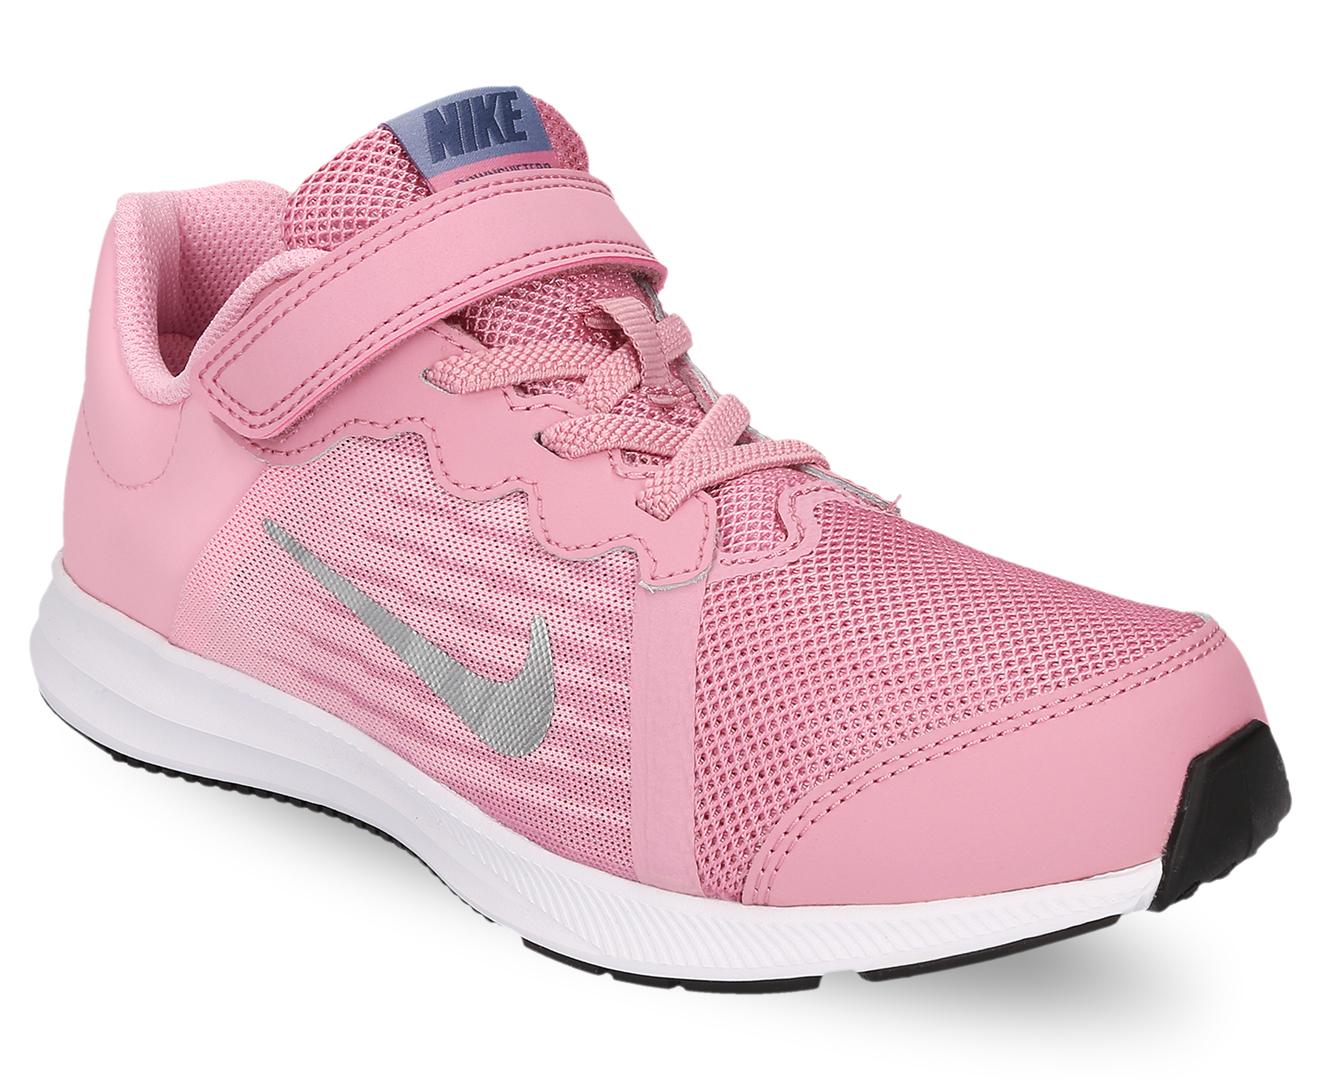 d7f399fd6a8 Nike Girls  Pre-School Downshifter 8 Shoe - Elemental Pink Metallic Silver  Pink